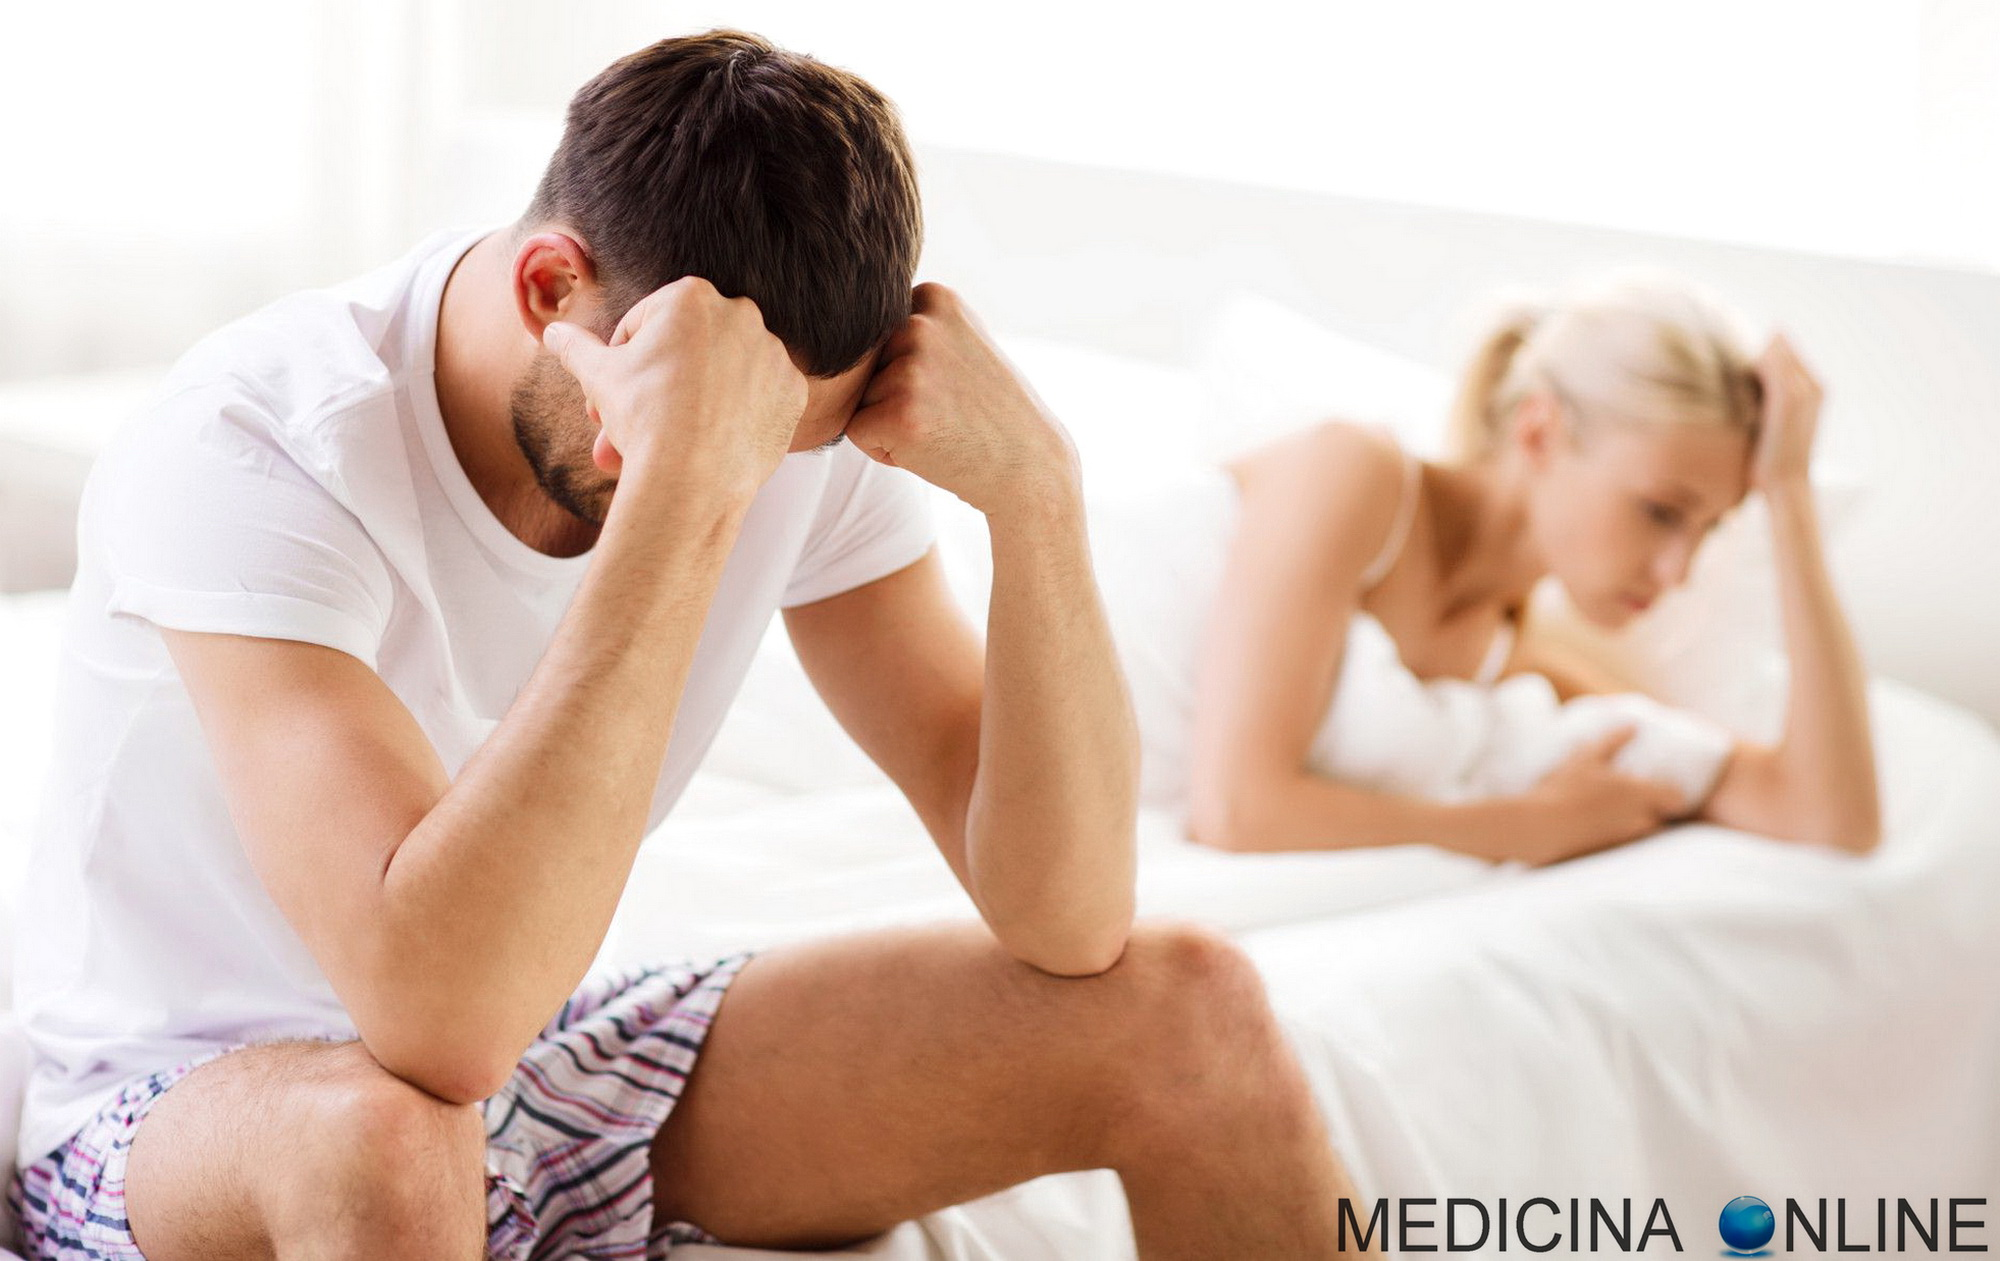 la marijuana causa una disfunzione sessuale?